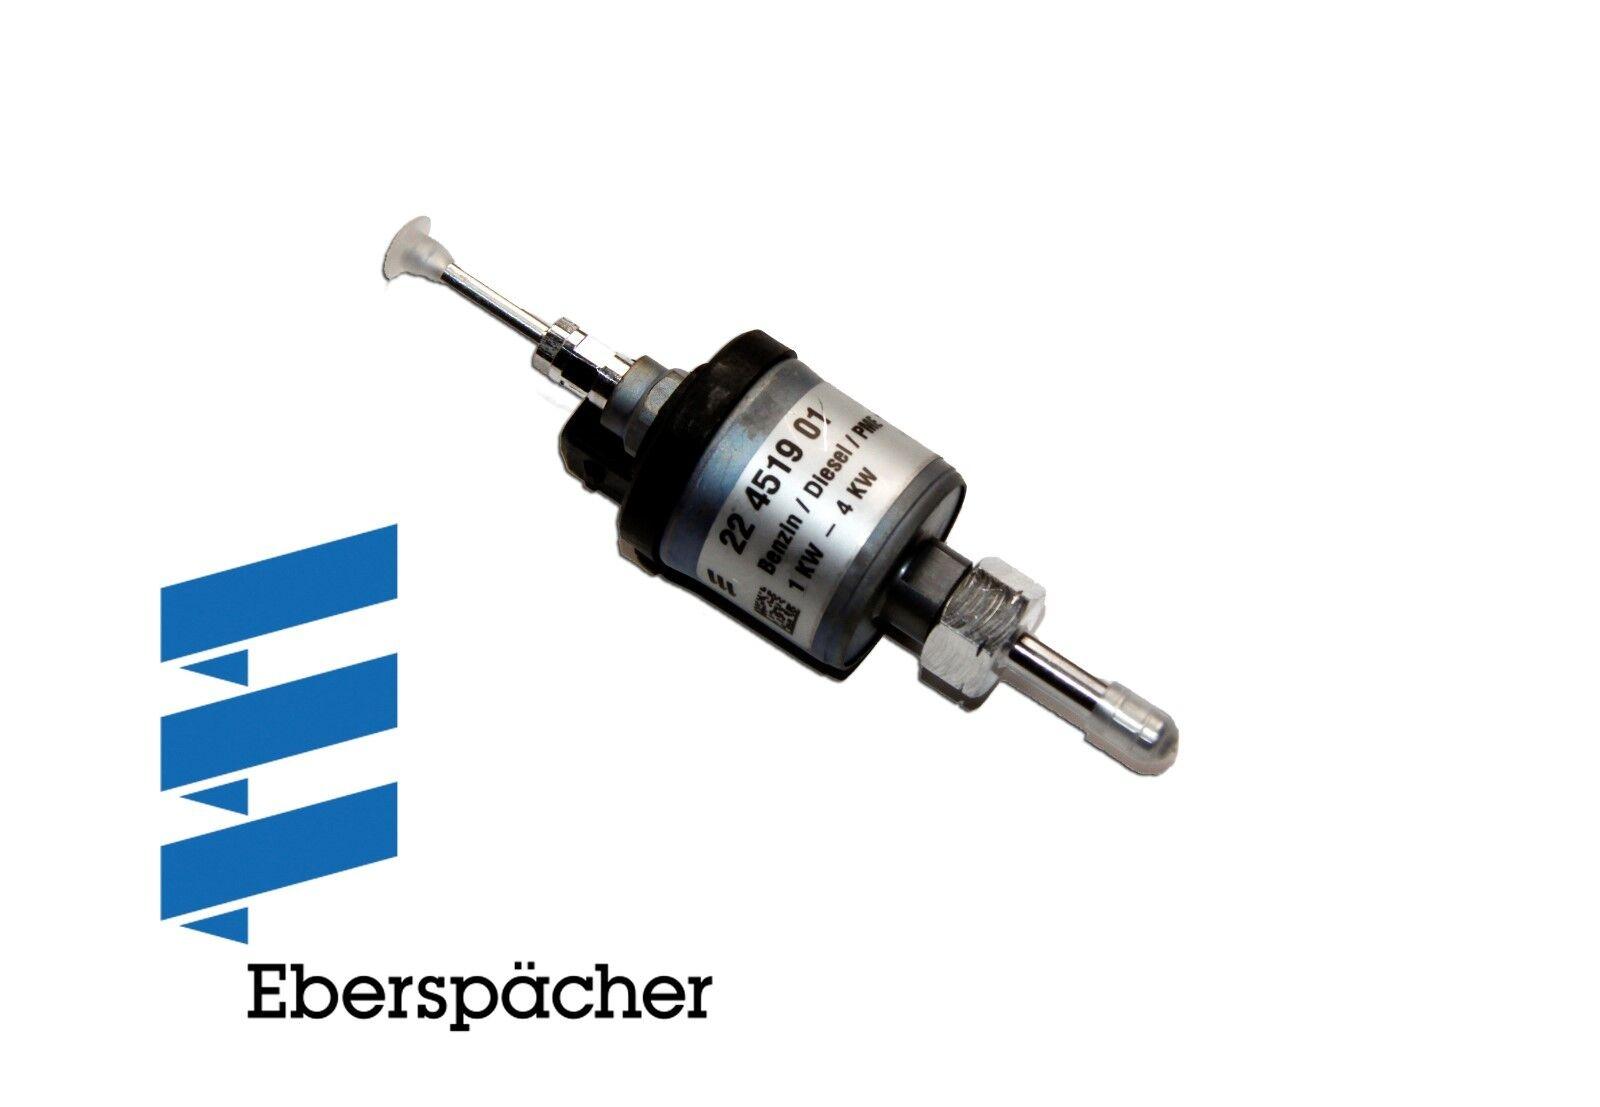 EBERSPACHER Kraftstoffpumpe 12V Airtronic D2 D4 12V Kraftstoffpumpe Nacht Heizung 224519010000 3e60c0